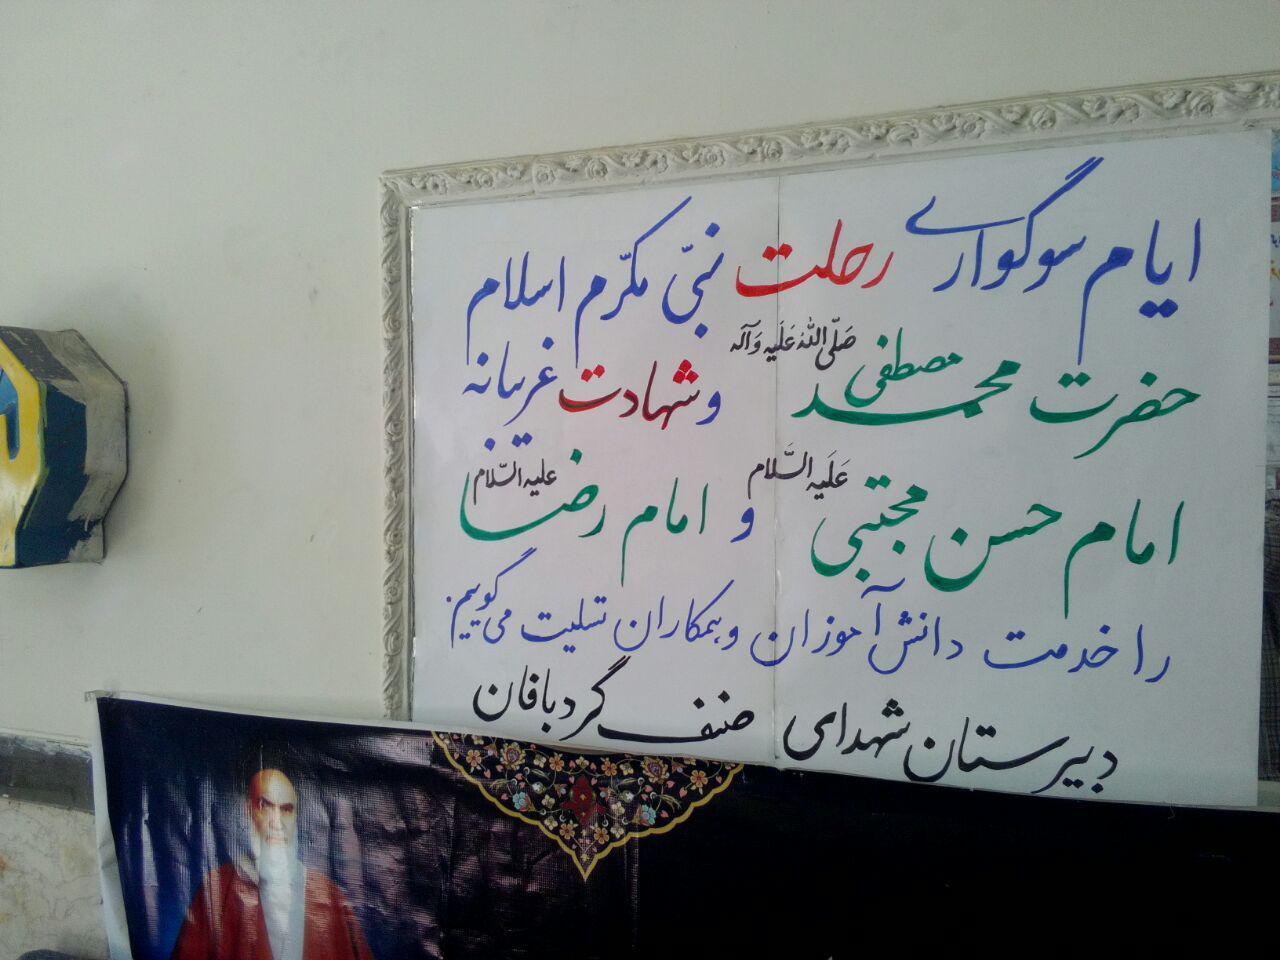 برگزاری مراسمات و مناسبت های مذهبی و ملی در دبیرستان شهدای صنف گردبافان (ایام سوگواری امامان ع)